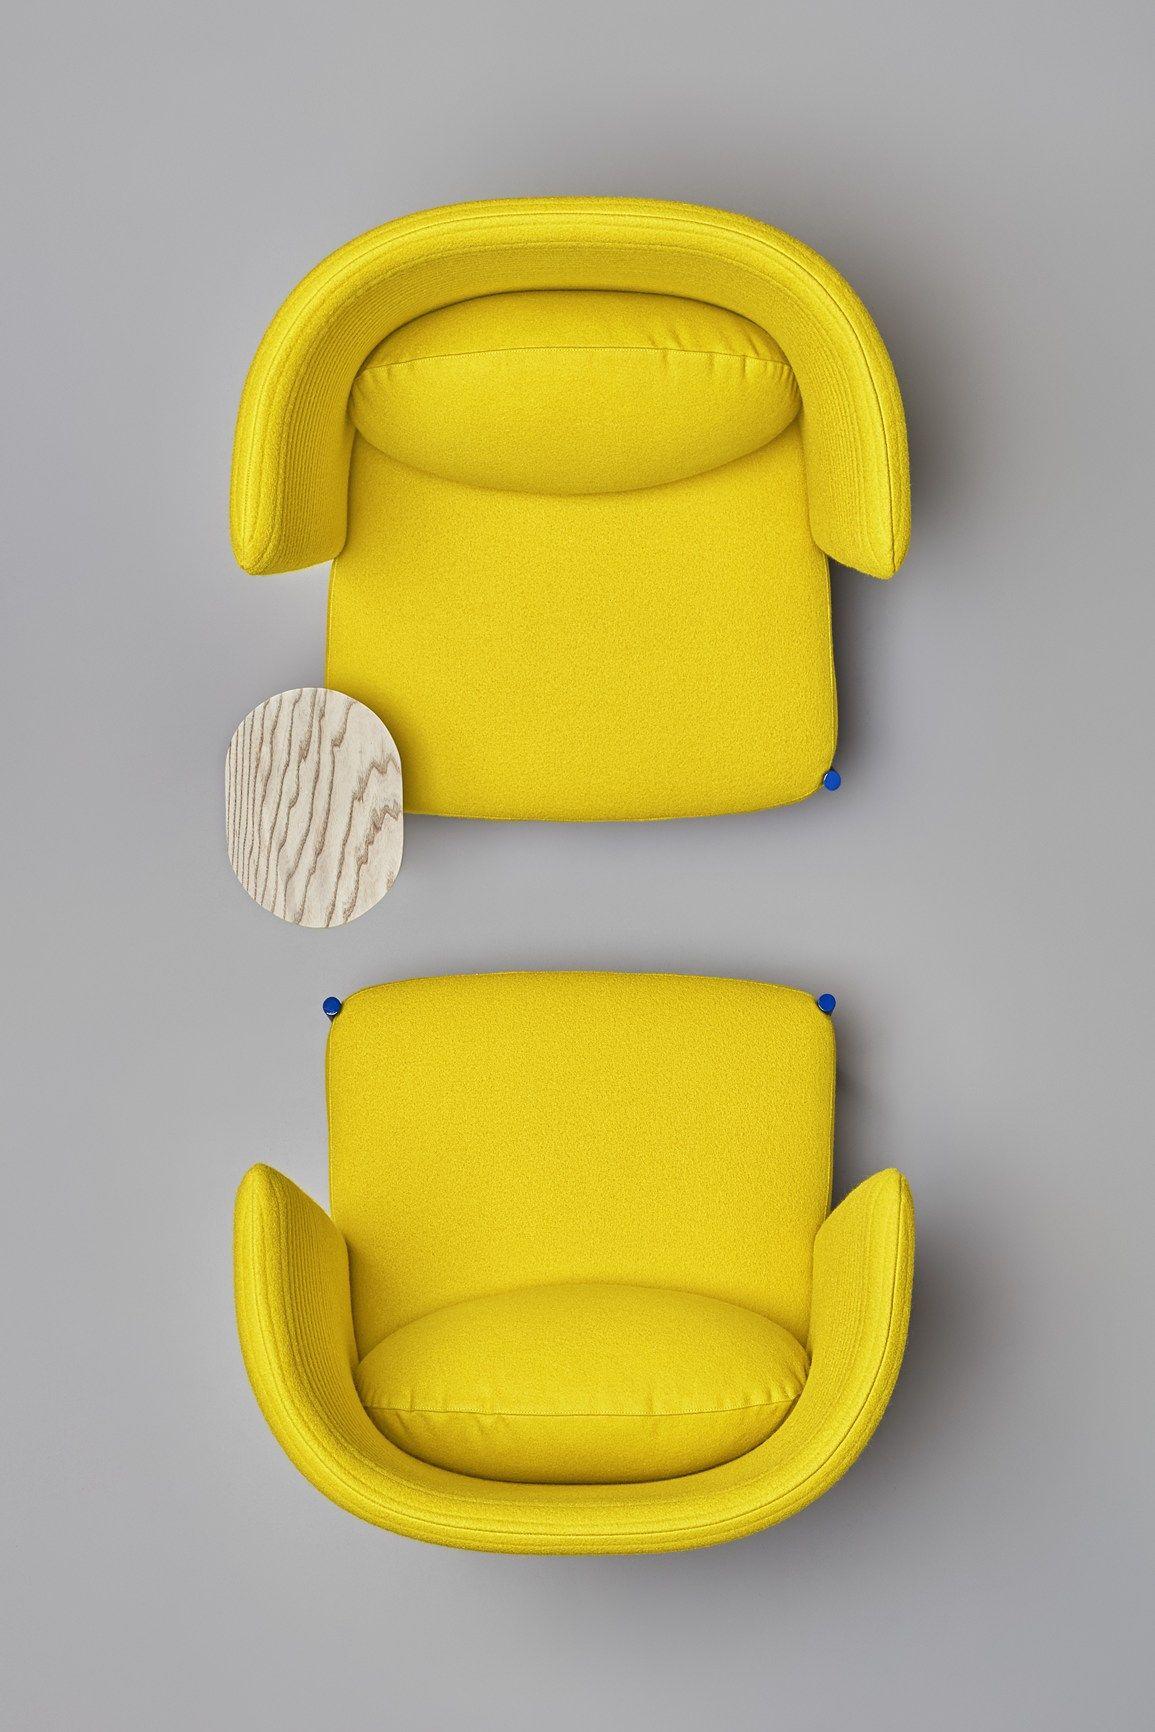 Ara A Cozy And Colourful Shell Perezochando For Missana Yellow